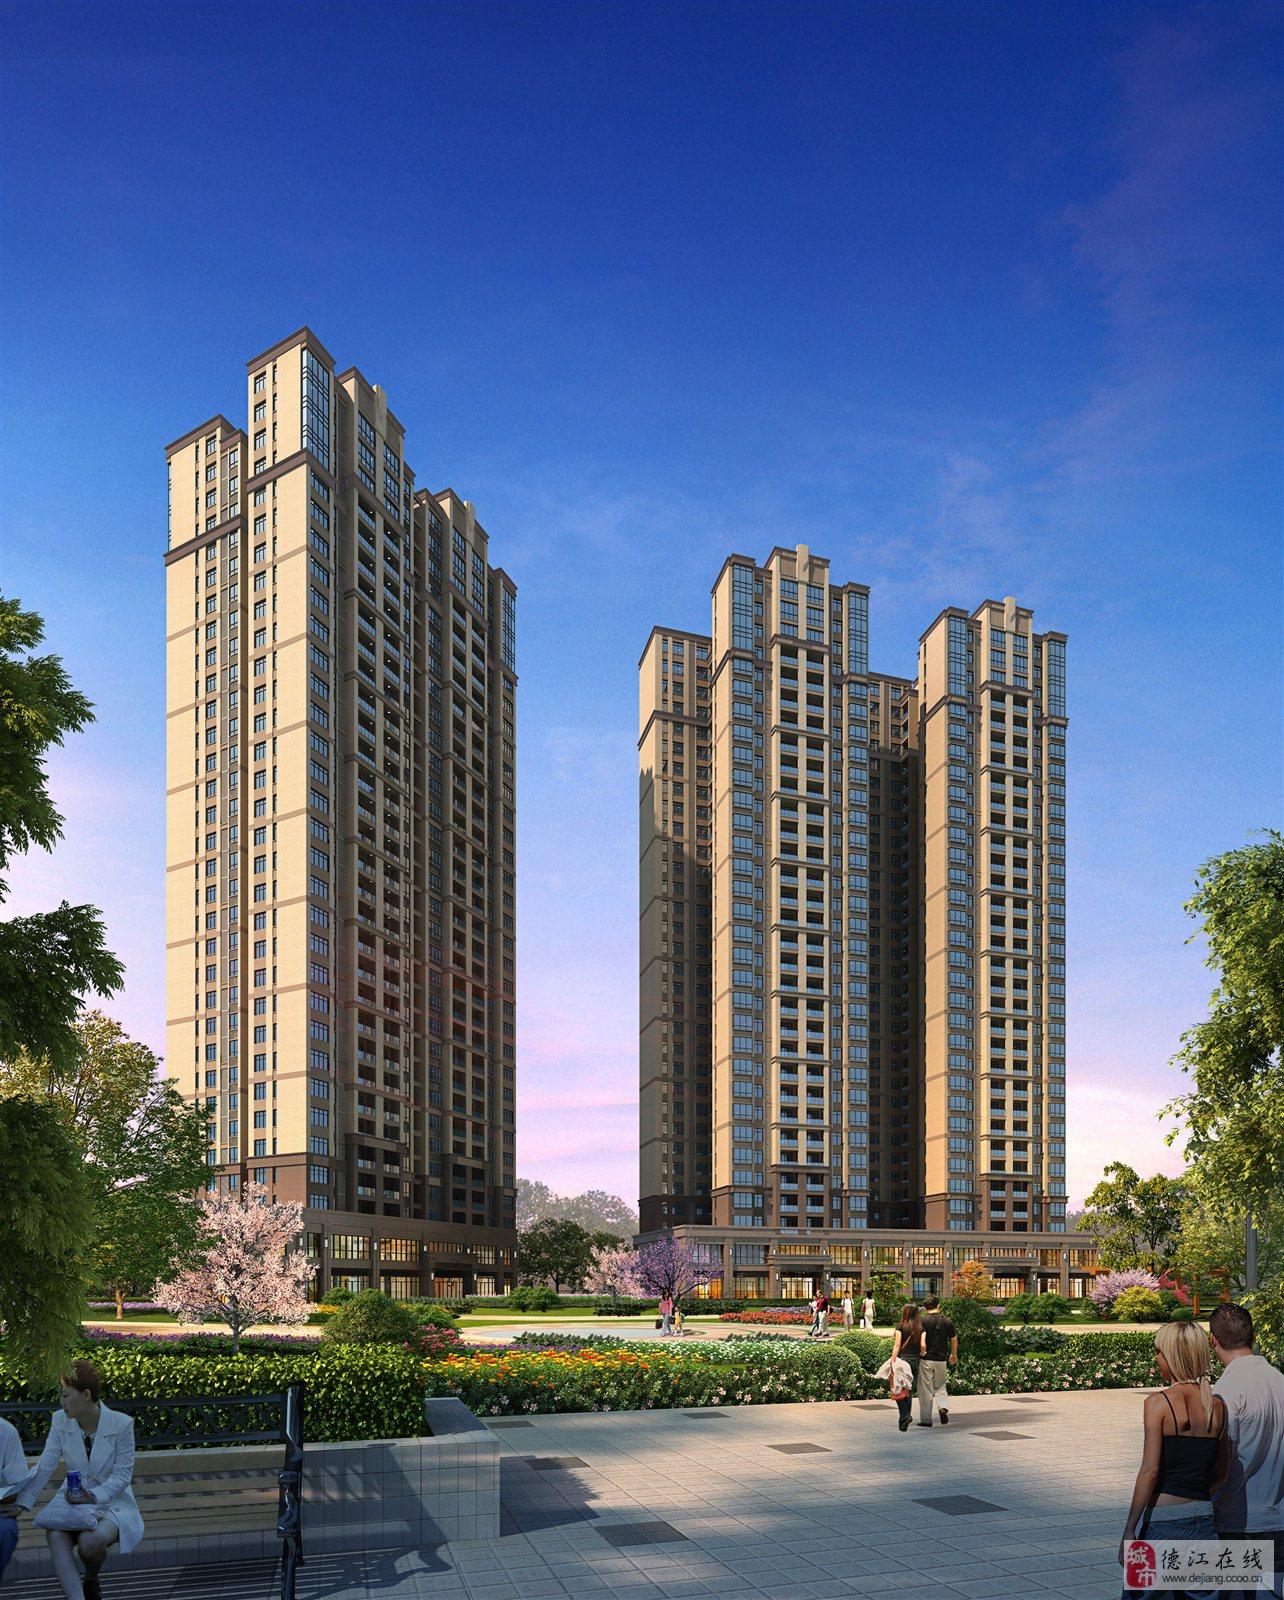 47万买中京国际 朝公园 视野开阔风景如画 生活便利